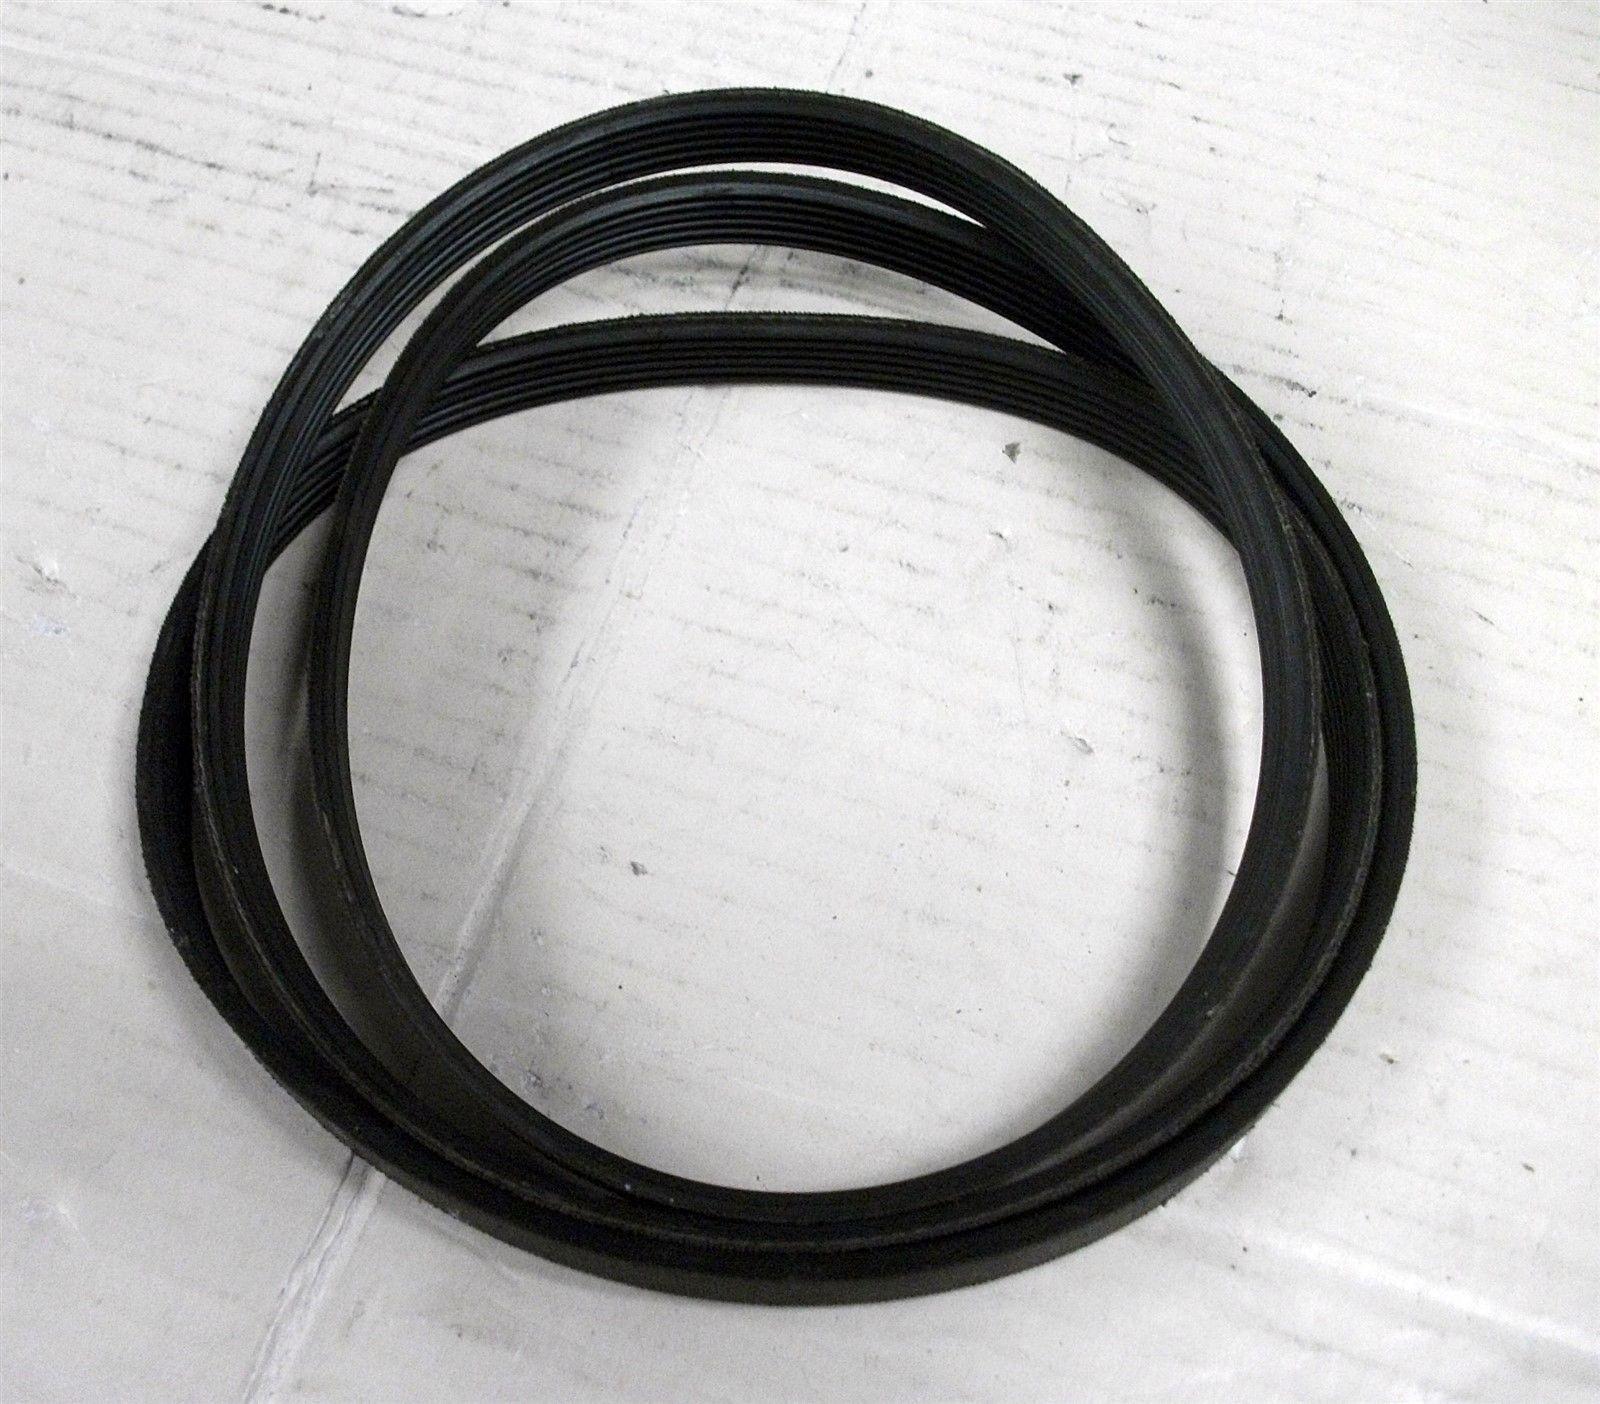 Continental Drive Belt pj1428 used